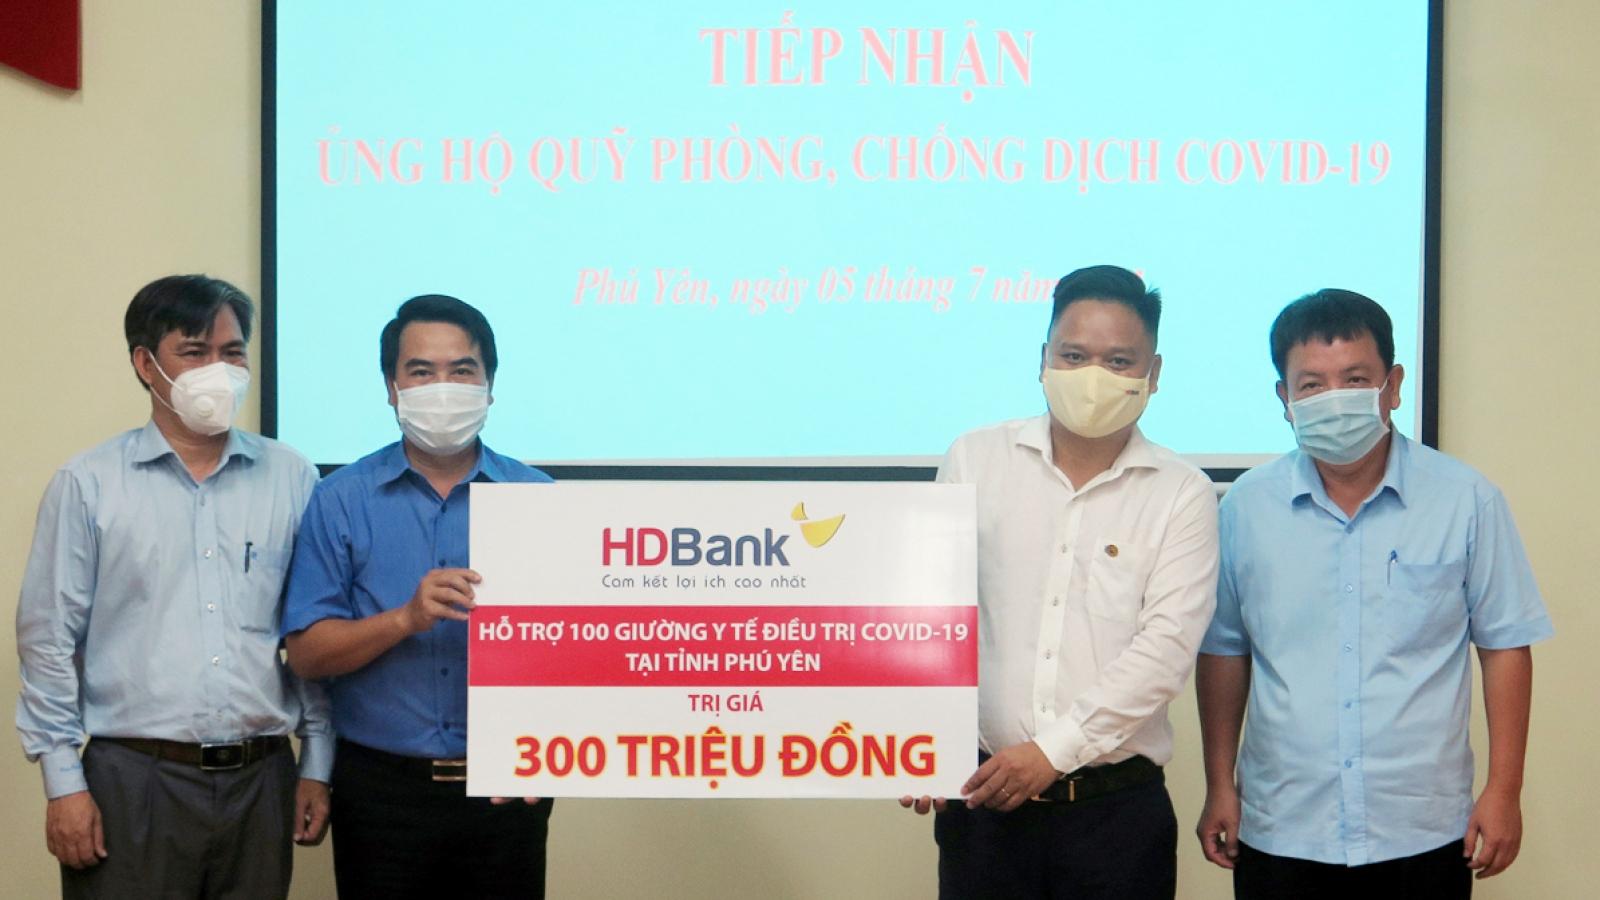 HDBank tặng 100 giường y tế cho tỉnh Phú Yên chống dịch